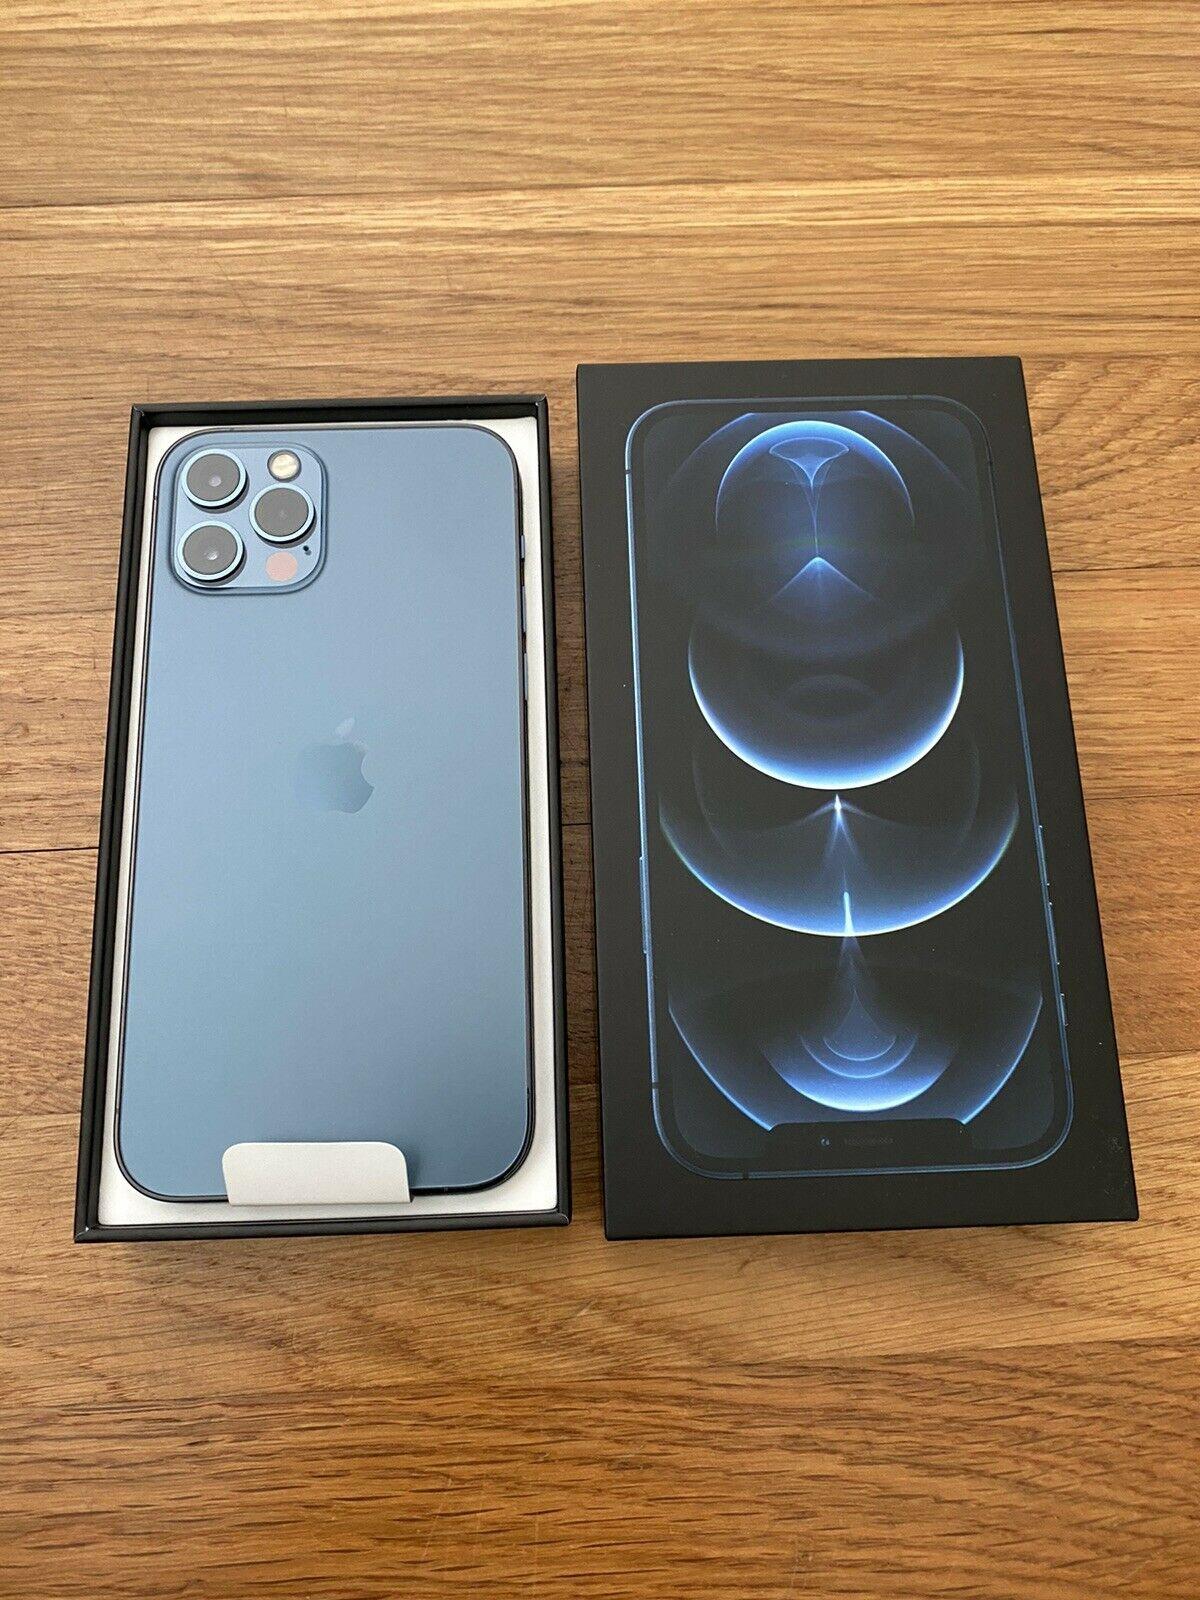 Ogłoszenie darmowe. Lokalizacja:  warsaw. KUPIĘ / SPRZEDAM - Elektronika. Apple iPhone 12 128 GB.